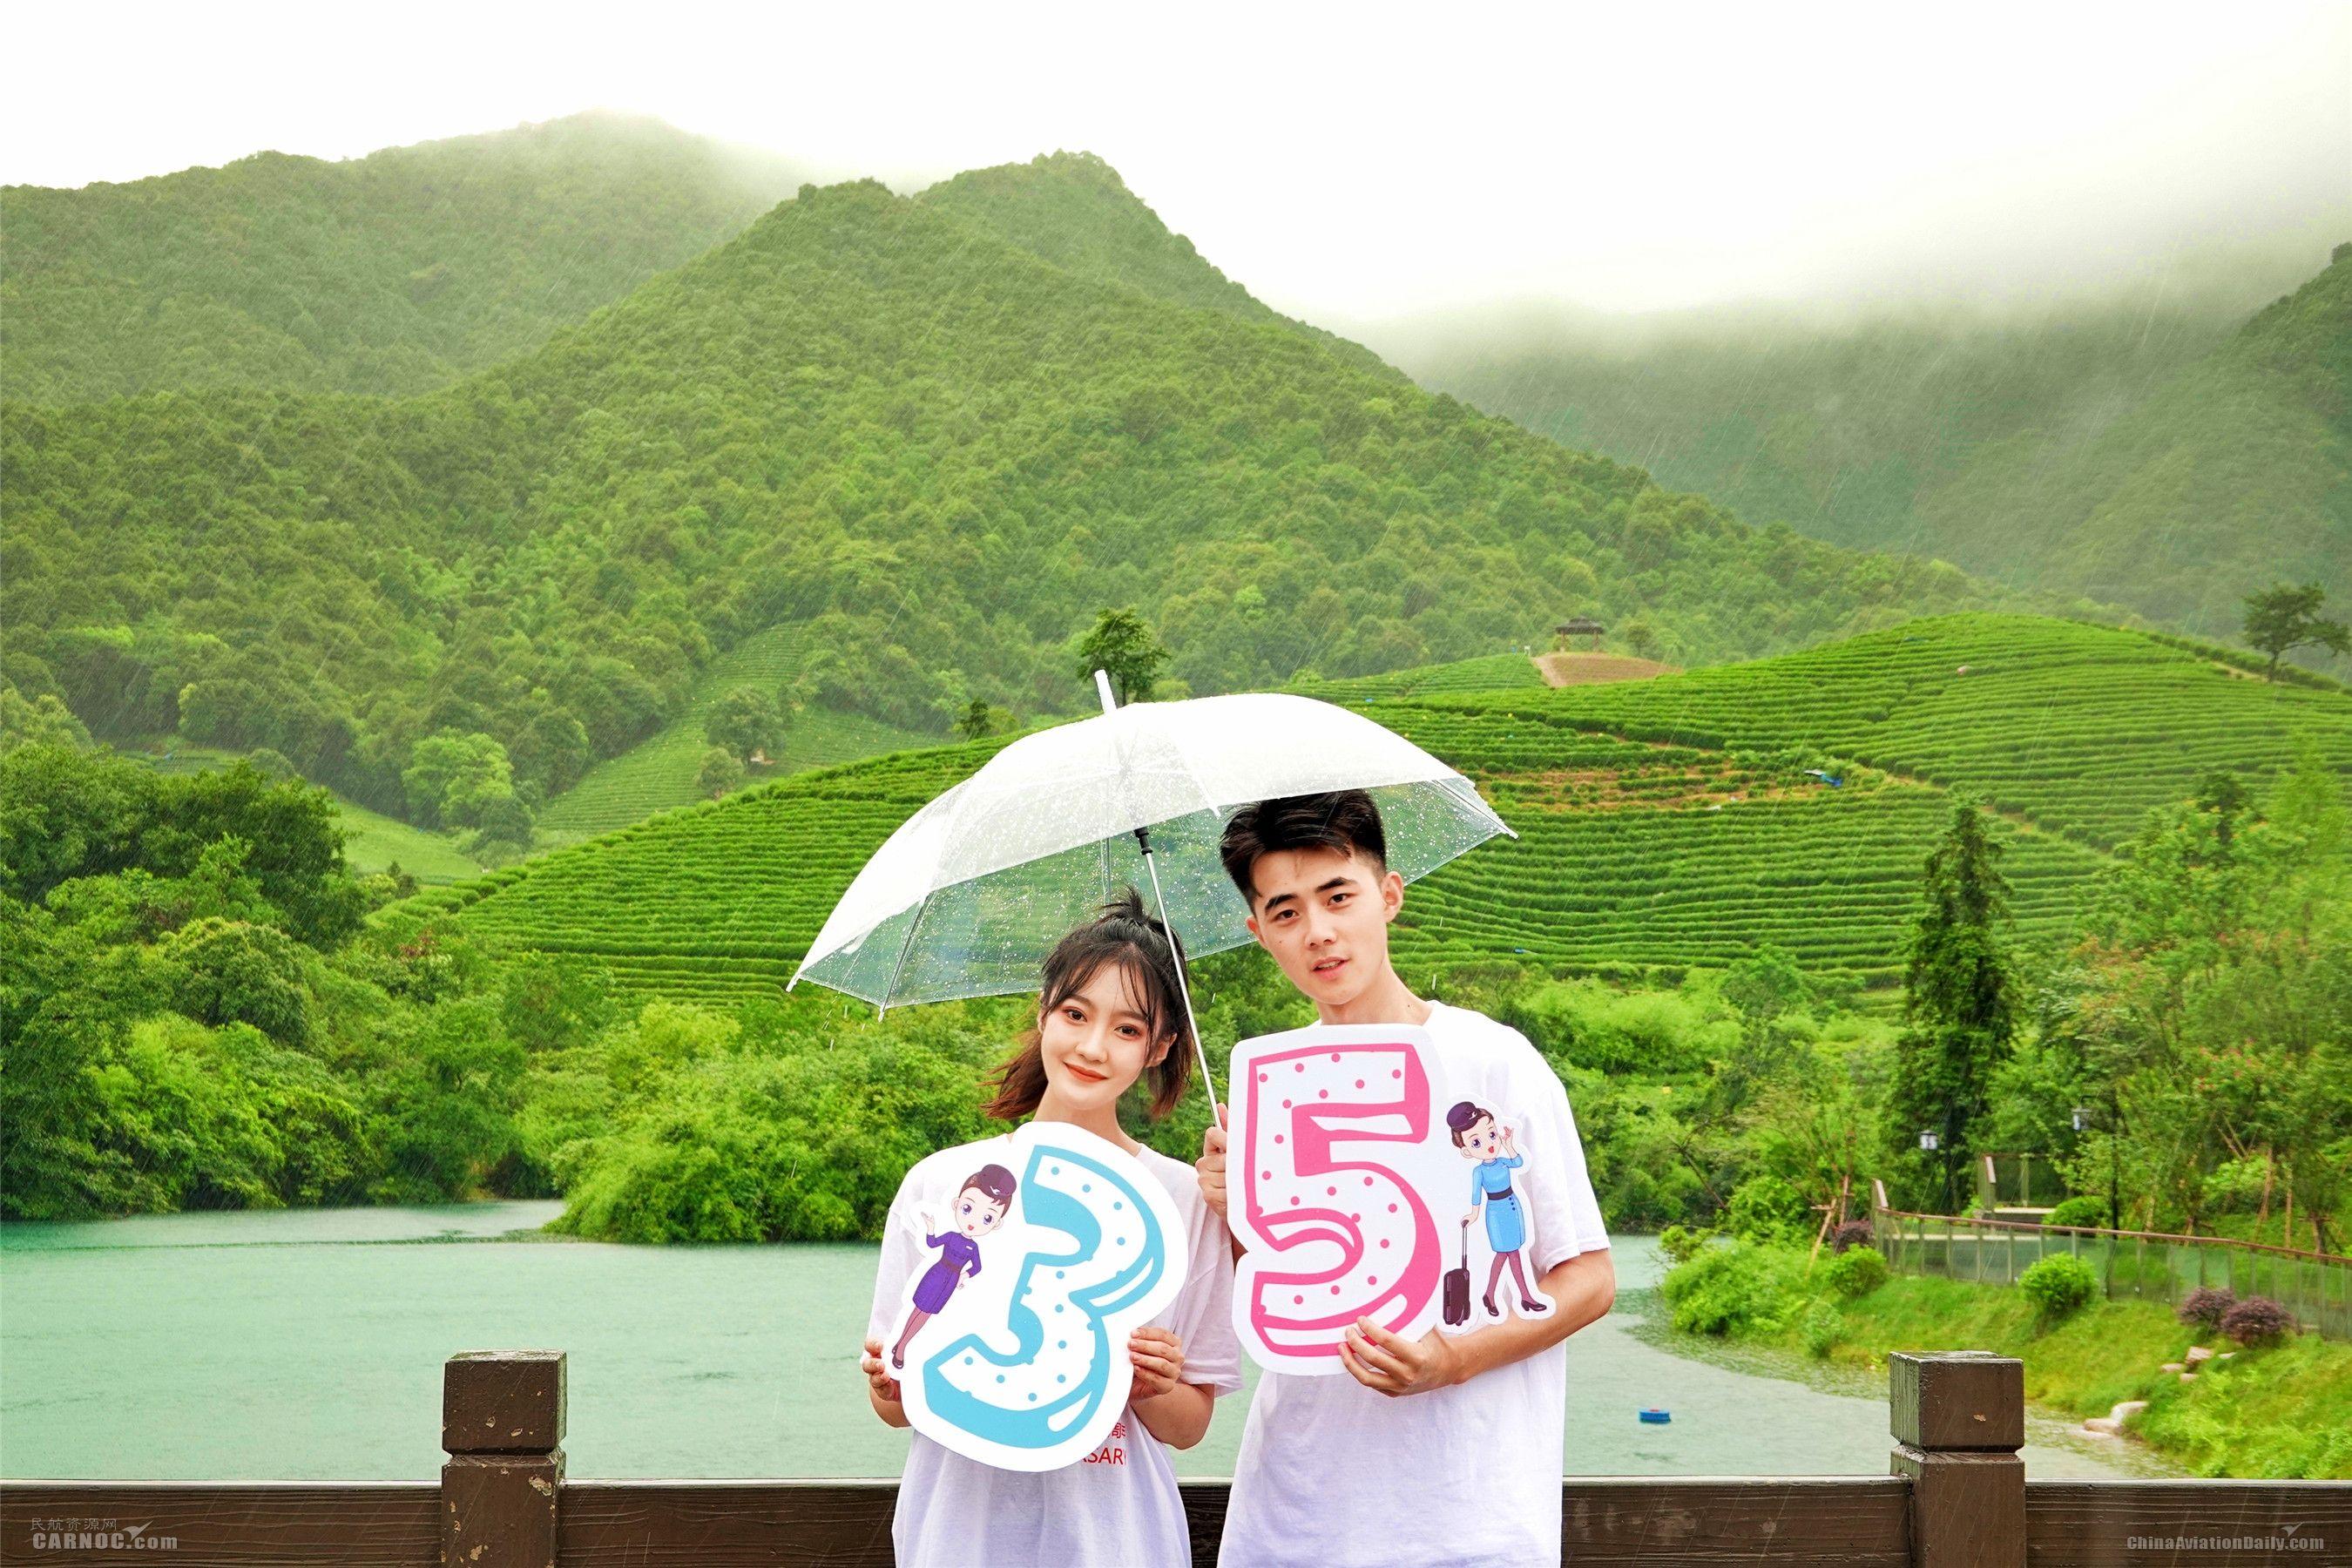 感谢上苍让我们相遇_图片 厦航杭州分公司庆祝厦航成立35周年_民航新闻_民航资源网